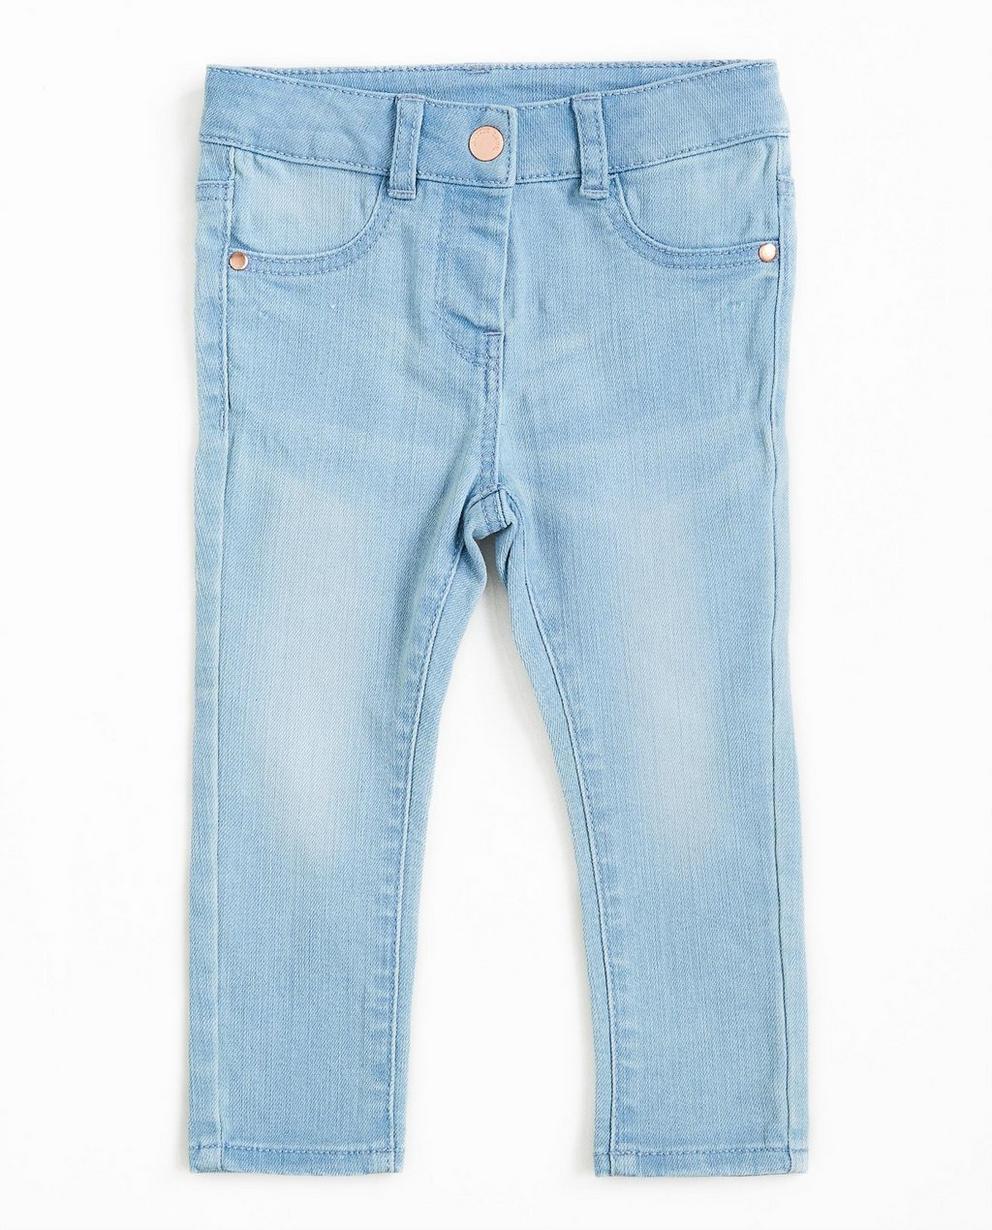 Hellblaue Jeans - verwaschen - JBC